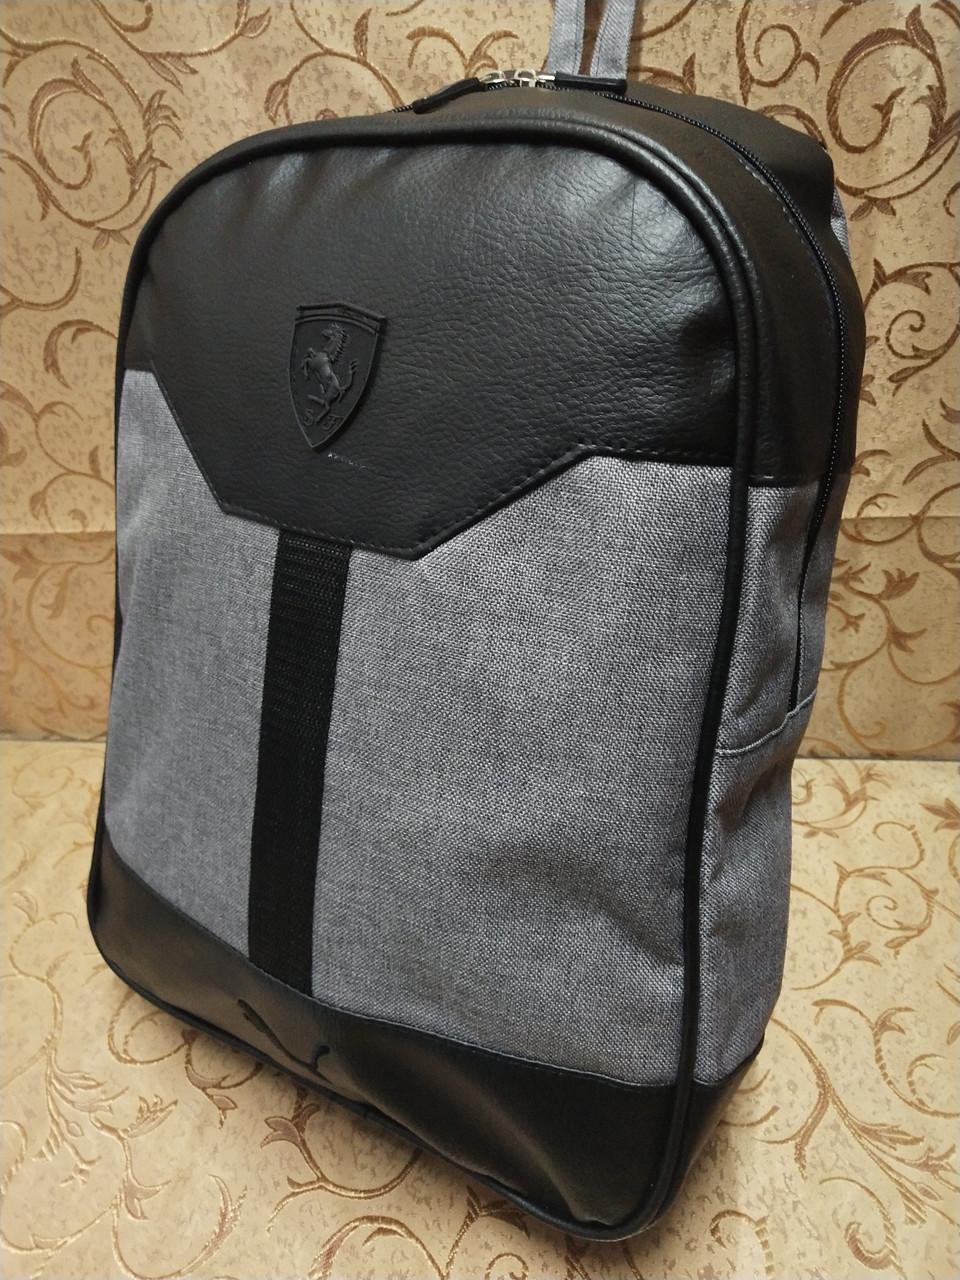 (41*28-мале)Рюкзак Ferrar-PUMA мессенджер с кожаным дном спортивный городской стильный рюкзаки оптом